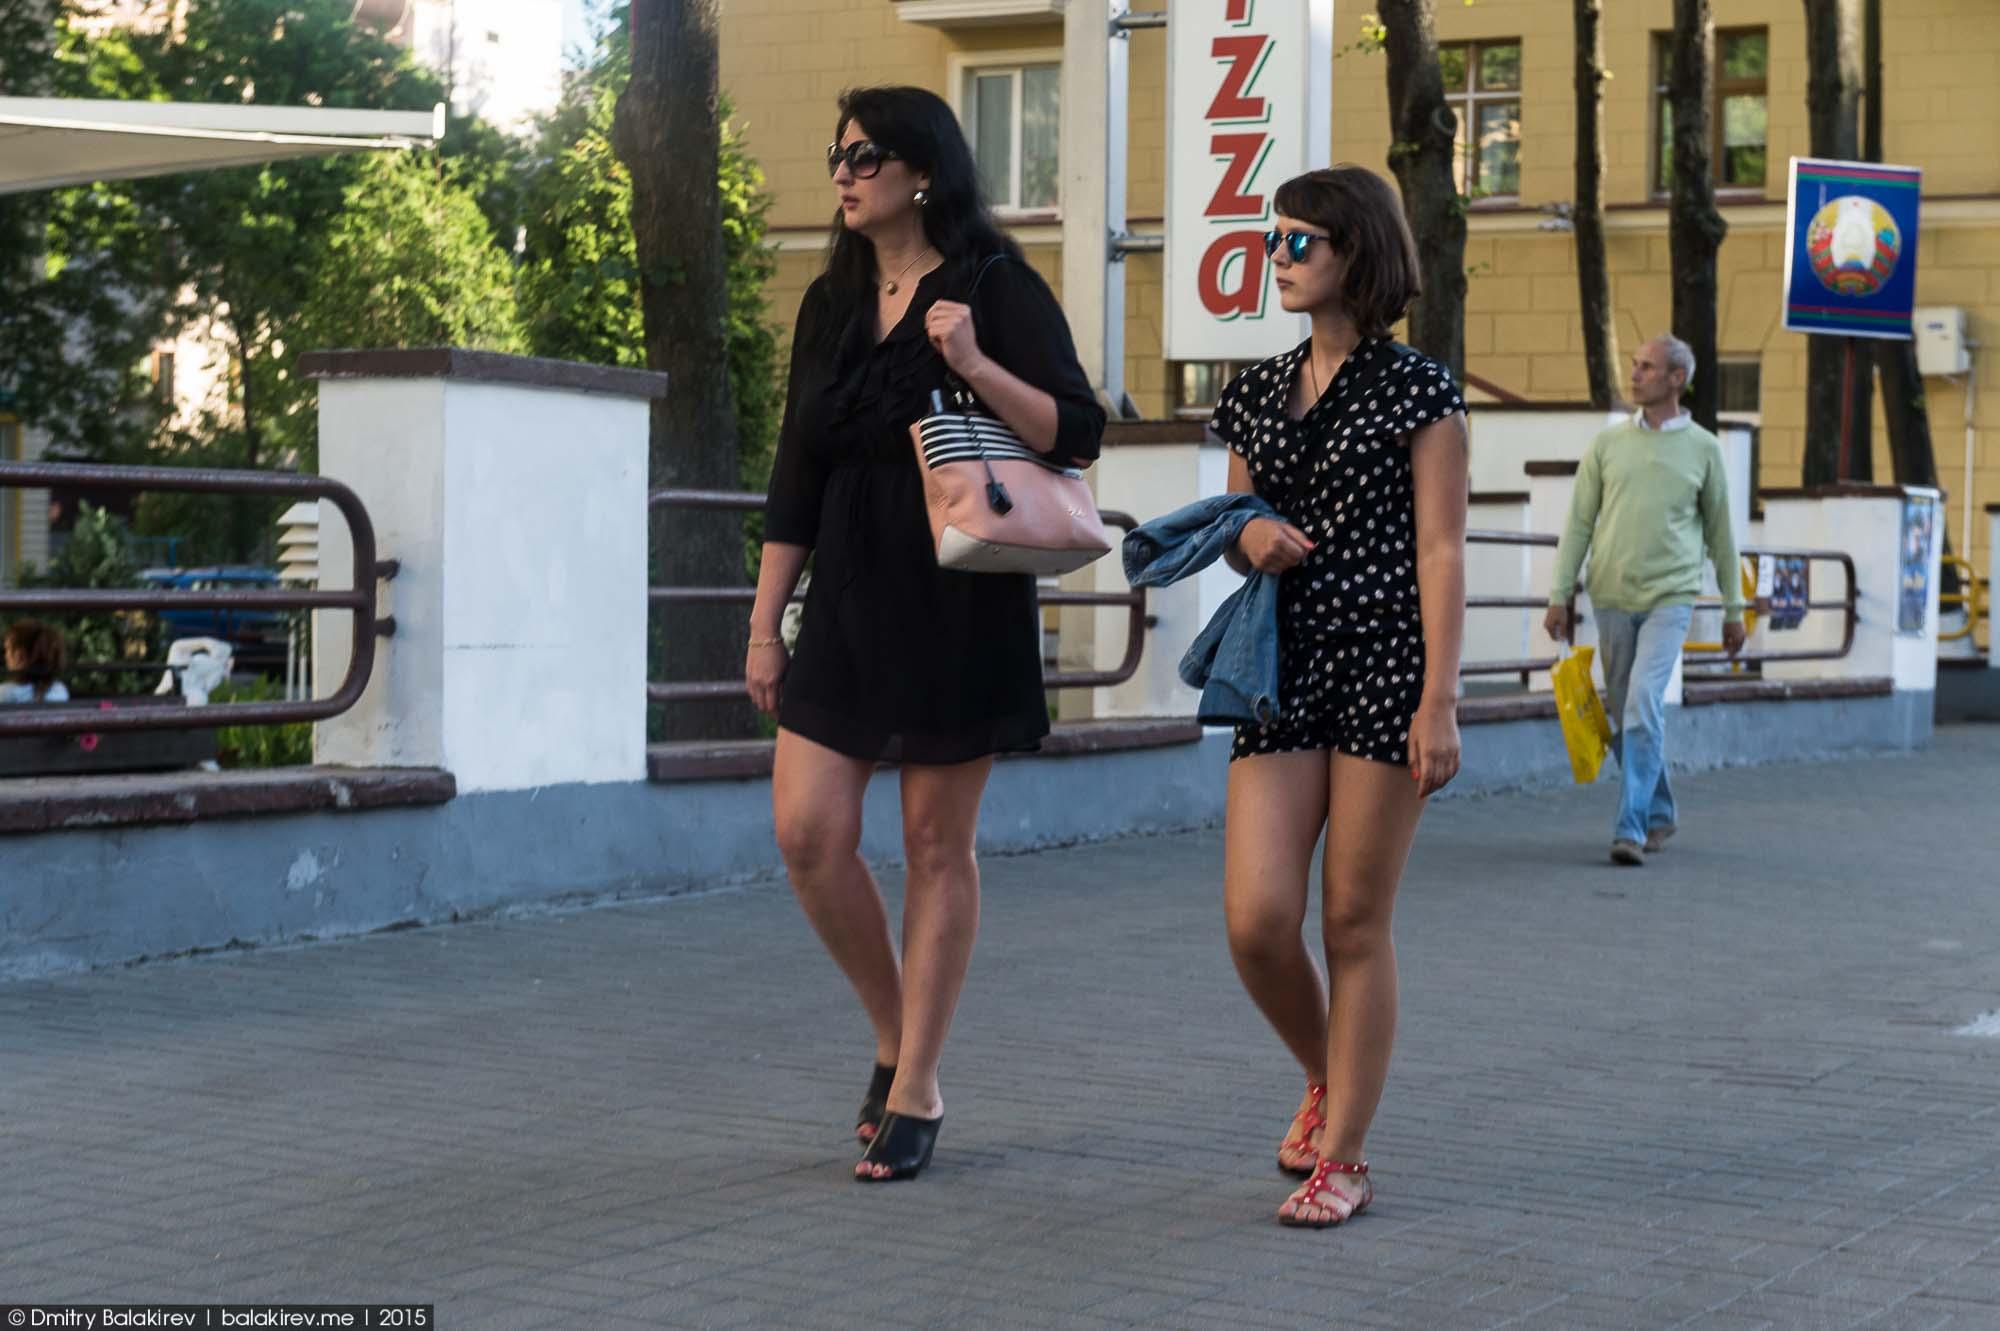 Русские снимаются на улице 15 фотография